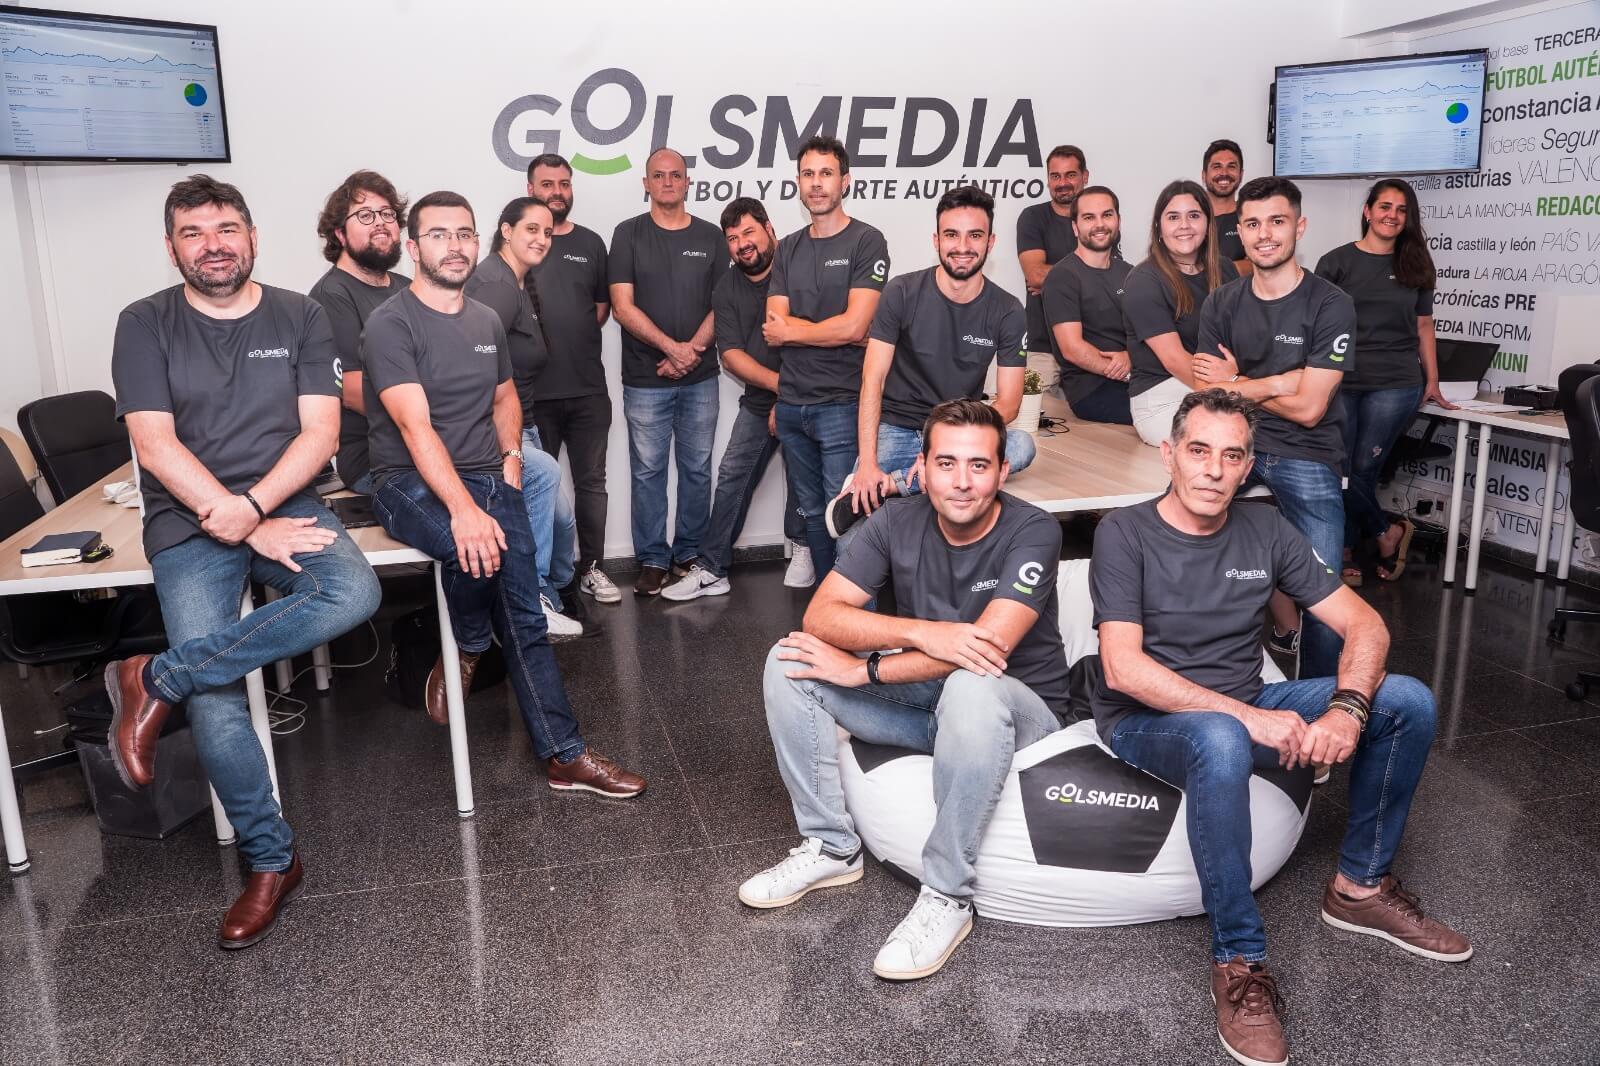 Golsmedia3 logo